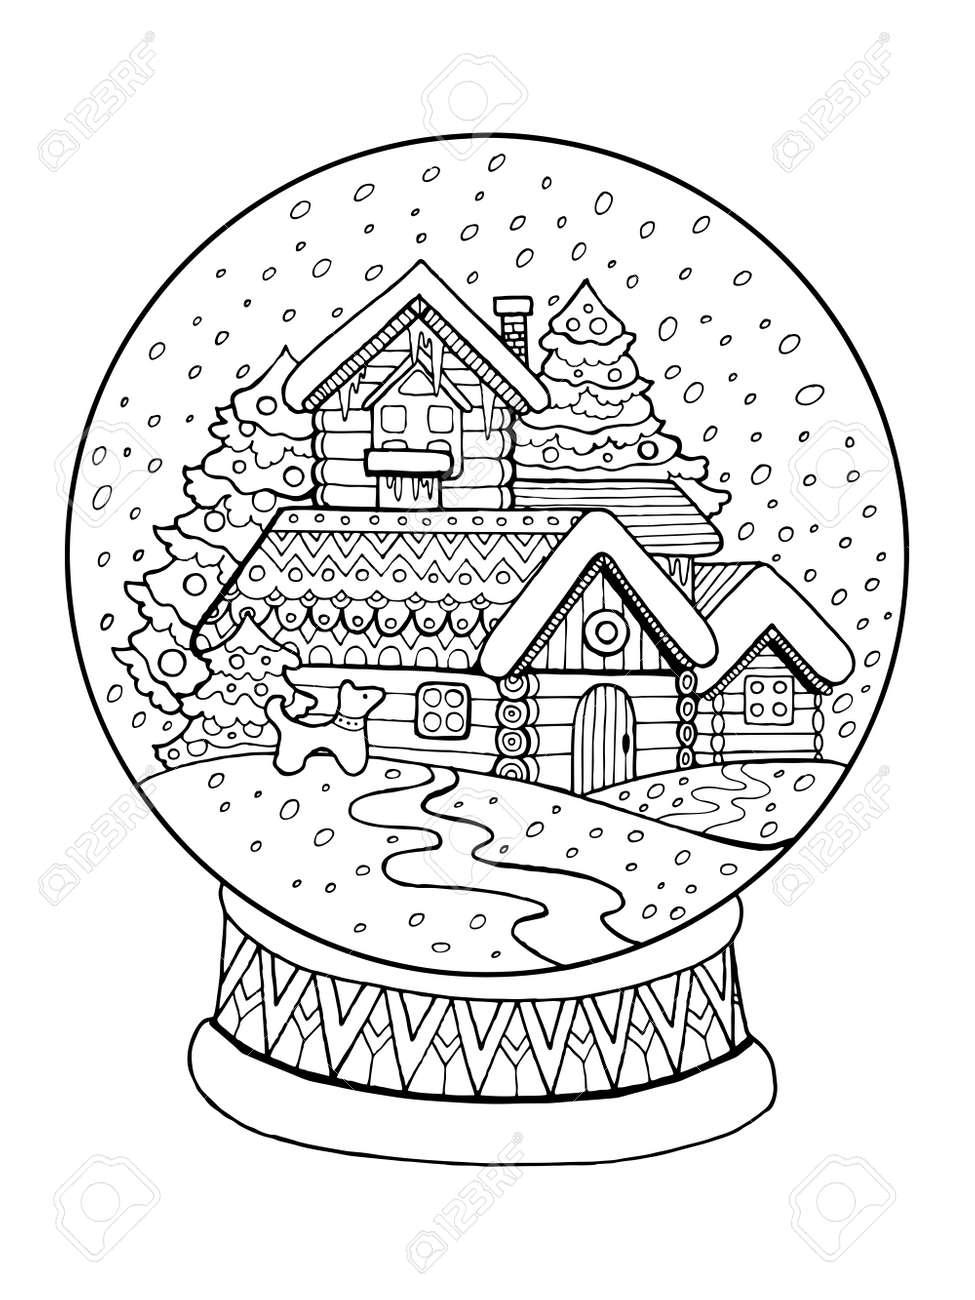 Sphere De Verre Noel Dessin Anime Livre Vector Illustration Clip Art